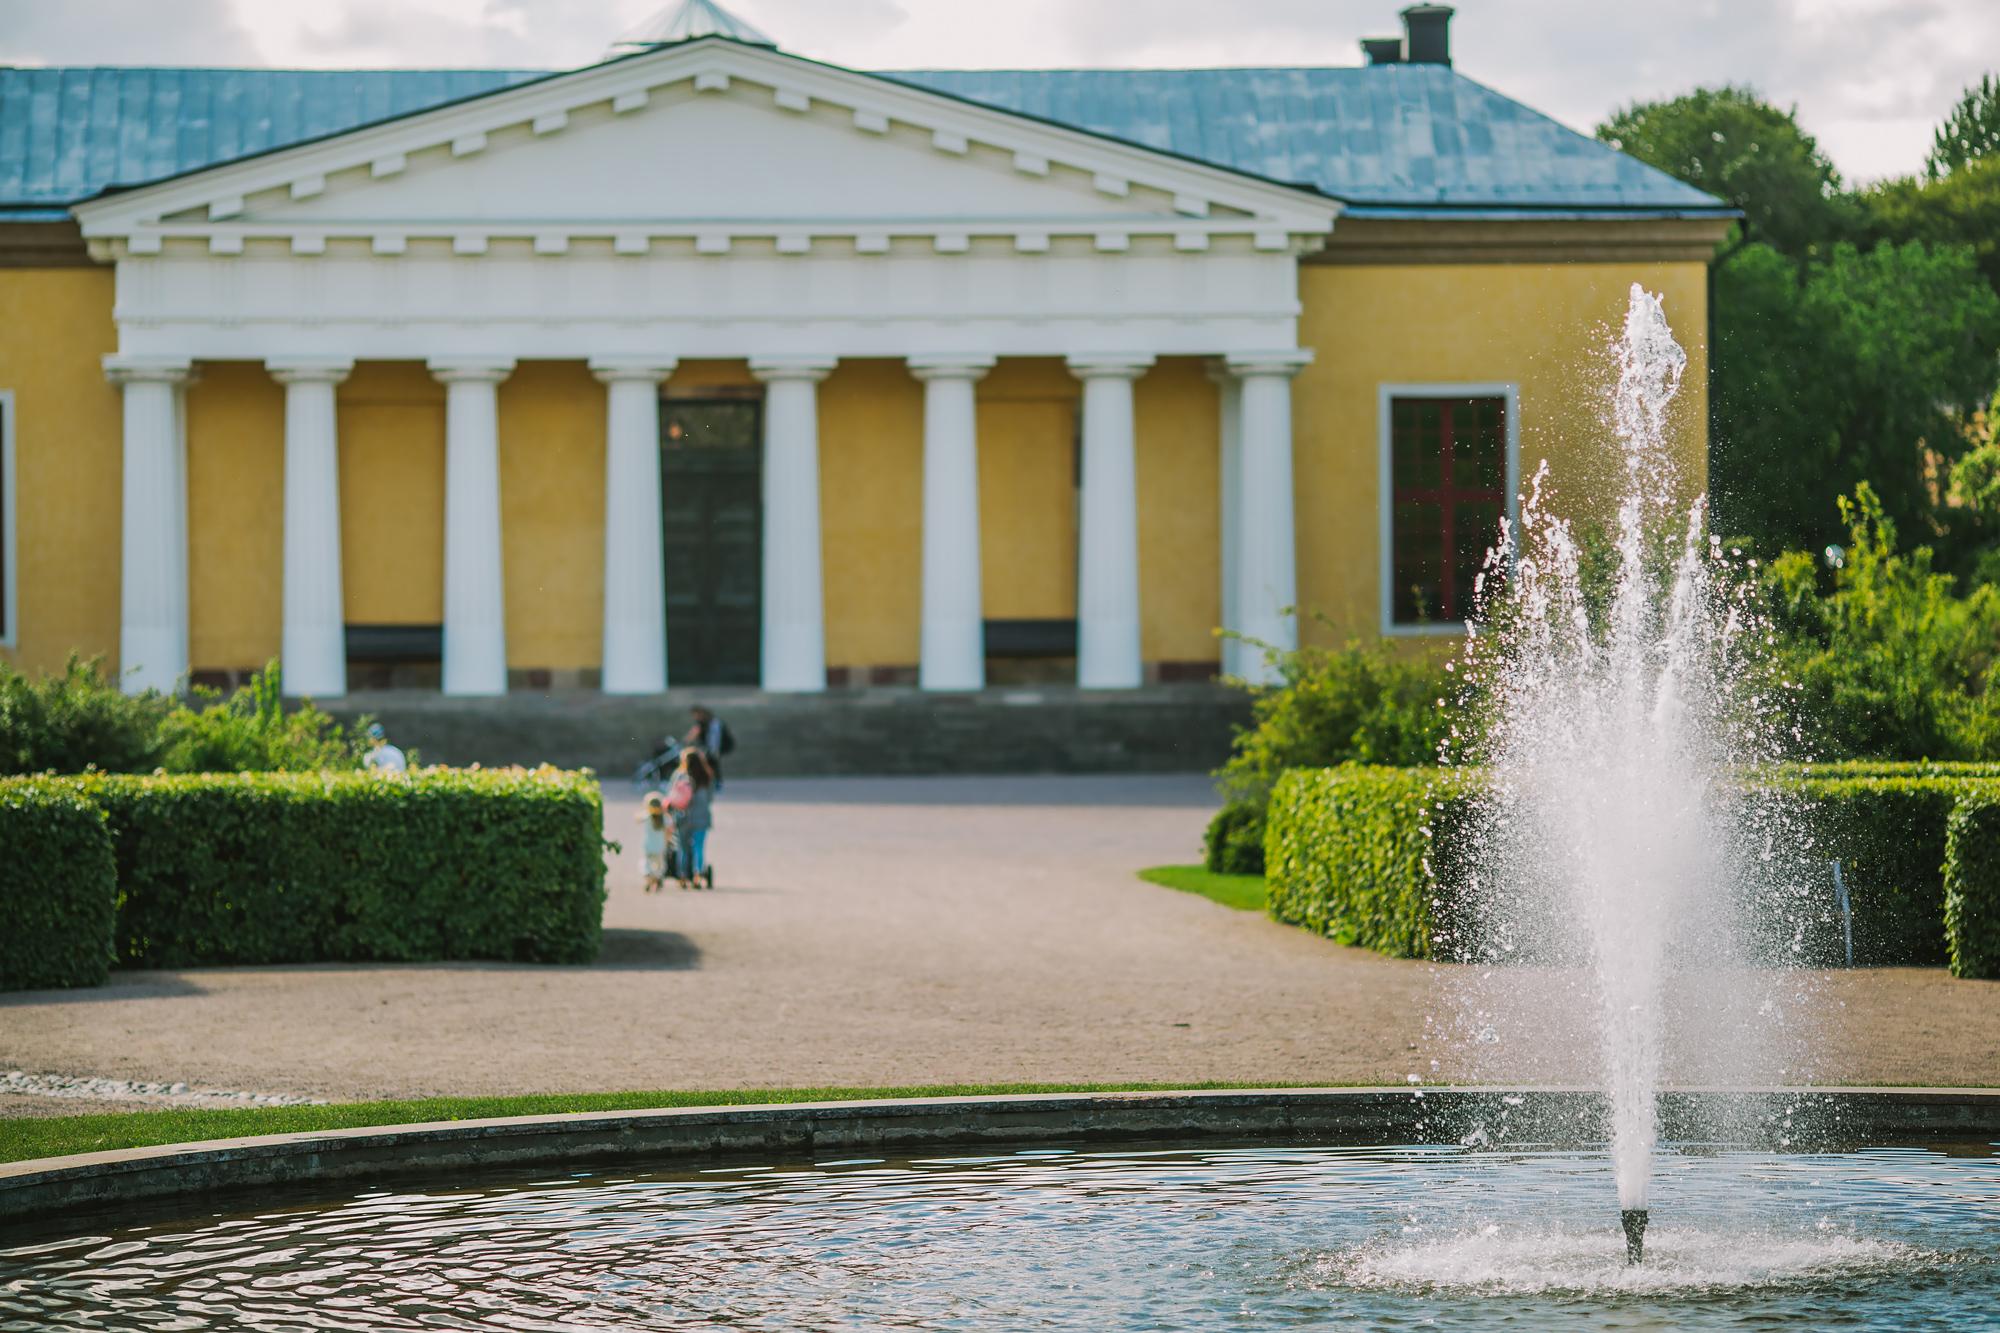 Slottsparken Uppsala